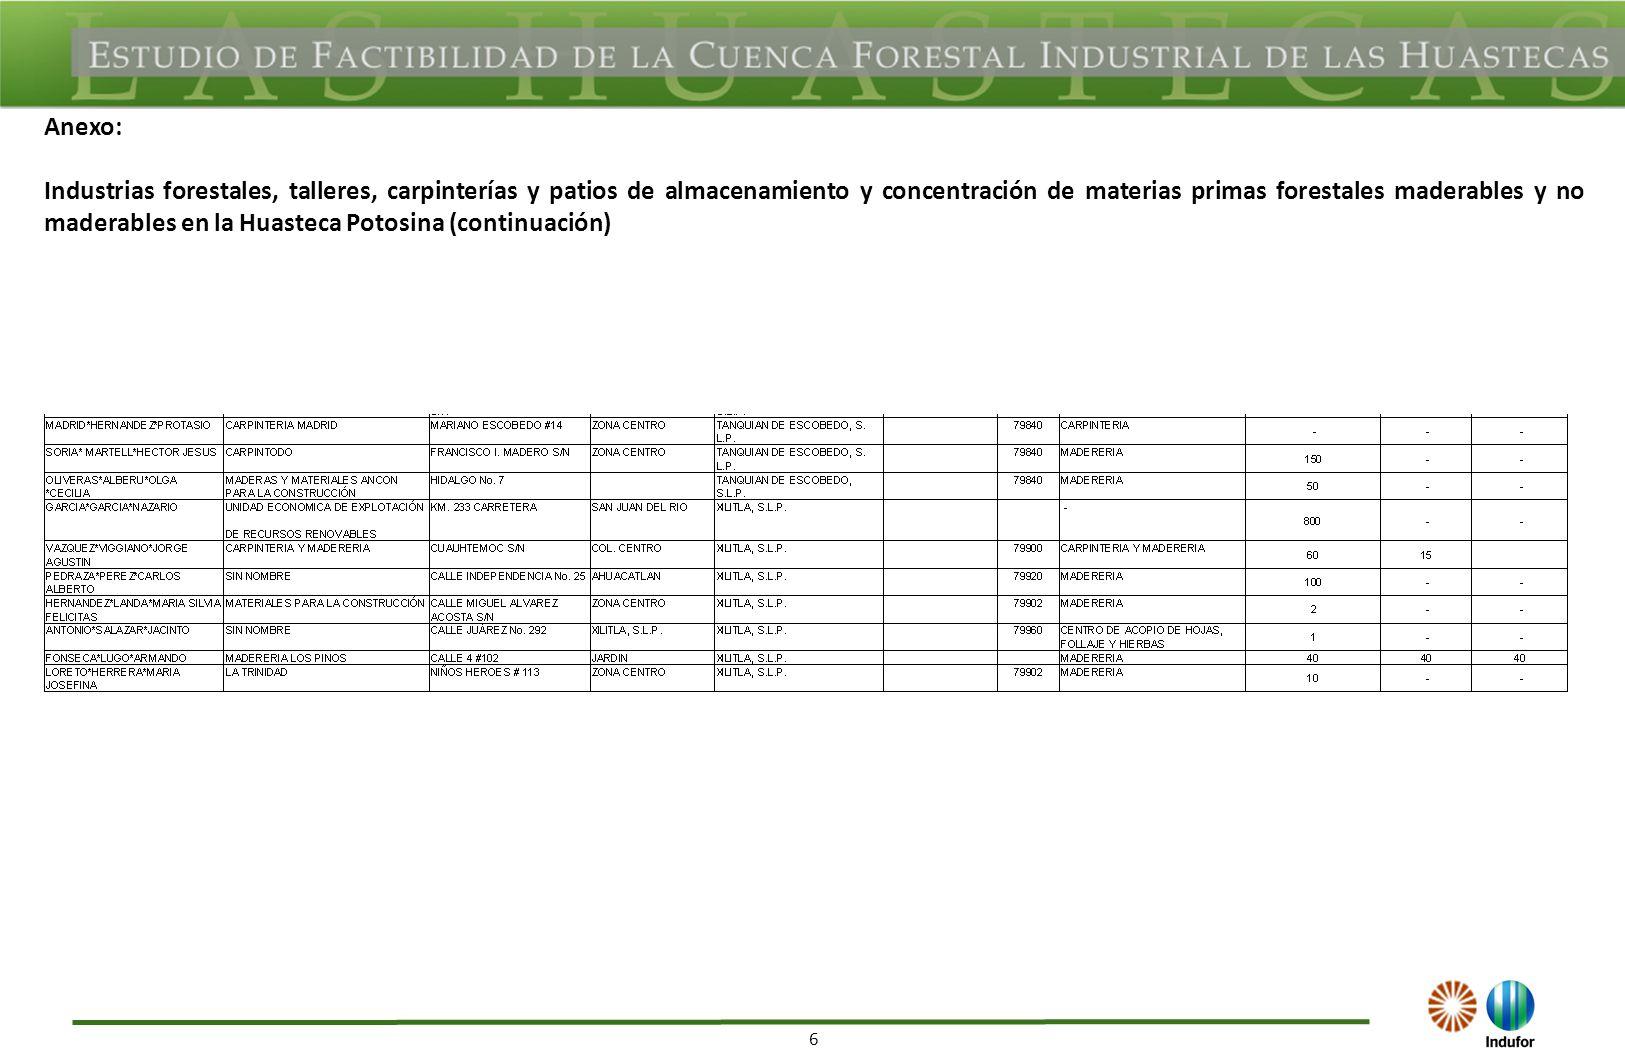 6 Anexo: Industrias forestales, talleres, carpinterías y patios de almacenamiento y concentración de materias primas forestales maderables y no maderables en la Huasteca Potosina (continuación)